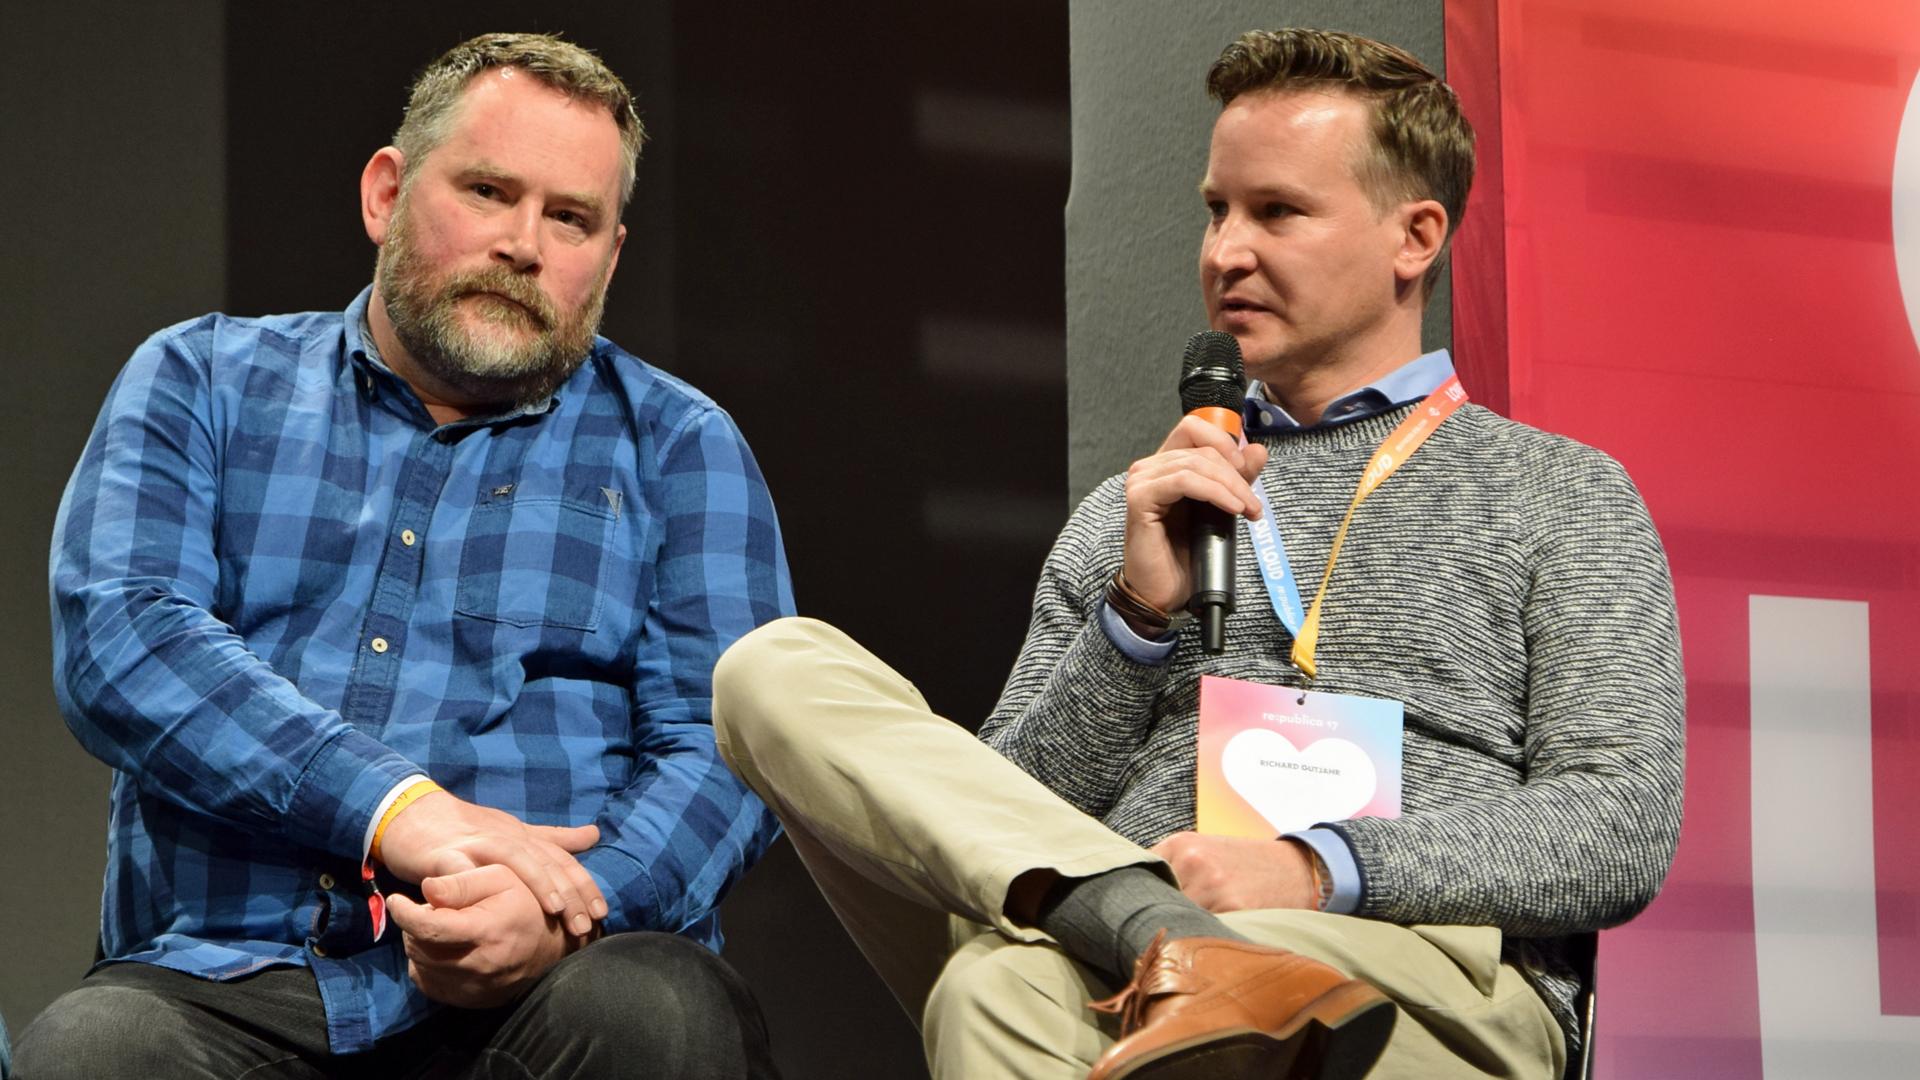 """""""Etwas ist entgleist"""": (v.l.) Die Journalisten Stefan Niggemeier und Richard Gutjahr sprachen bei der Re:publica über das Verhältnis zwischen Medien und Konsumenten"""